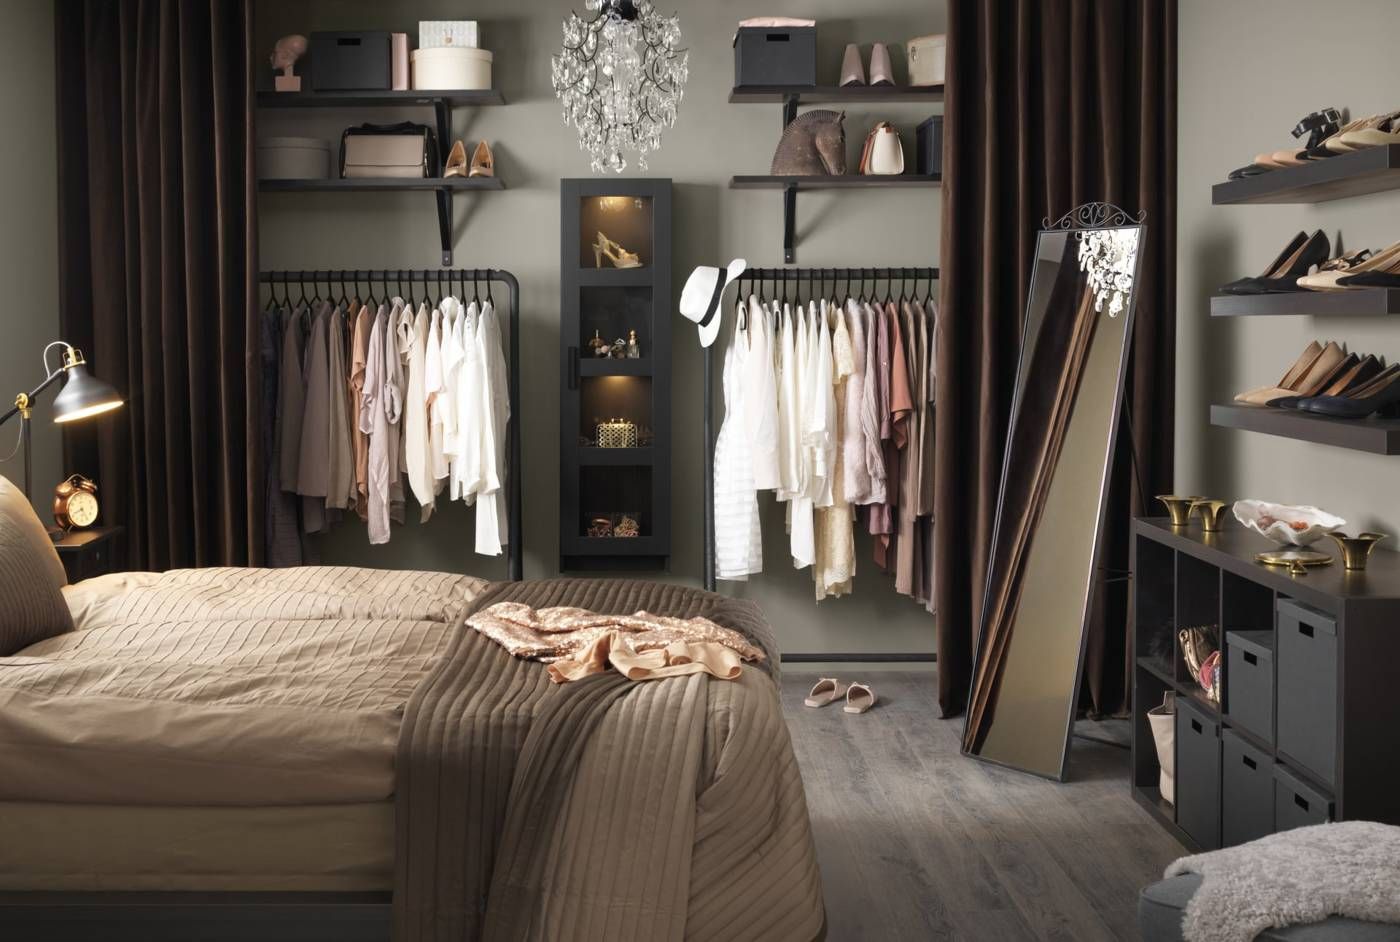 kleiderschrank want neue wohnung pinterest schlafzimmer kleiderschrank und schrank. Black Bedroom Furniture Sets. Home Design Ideas